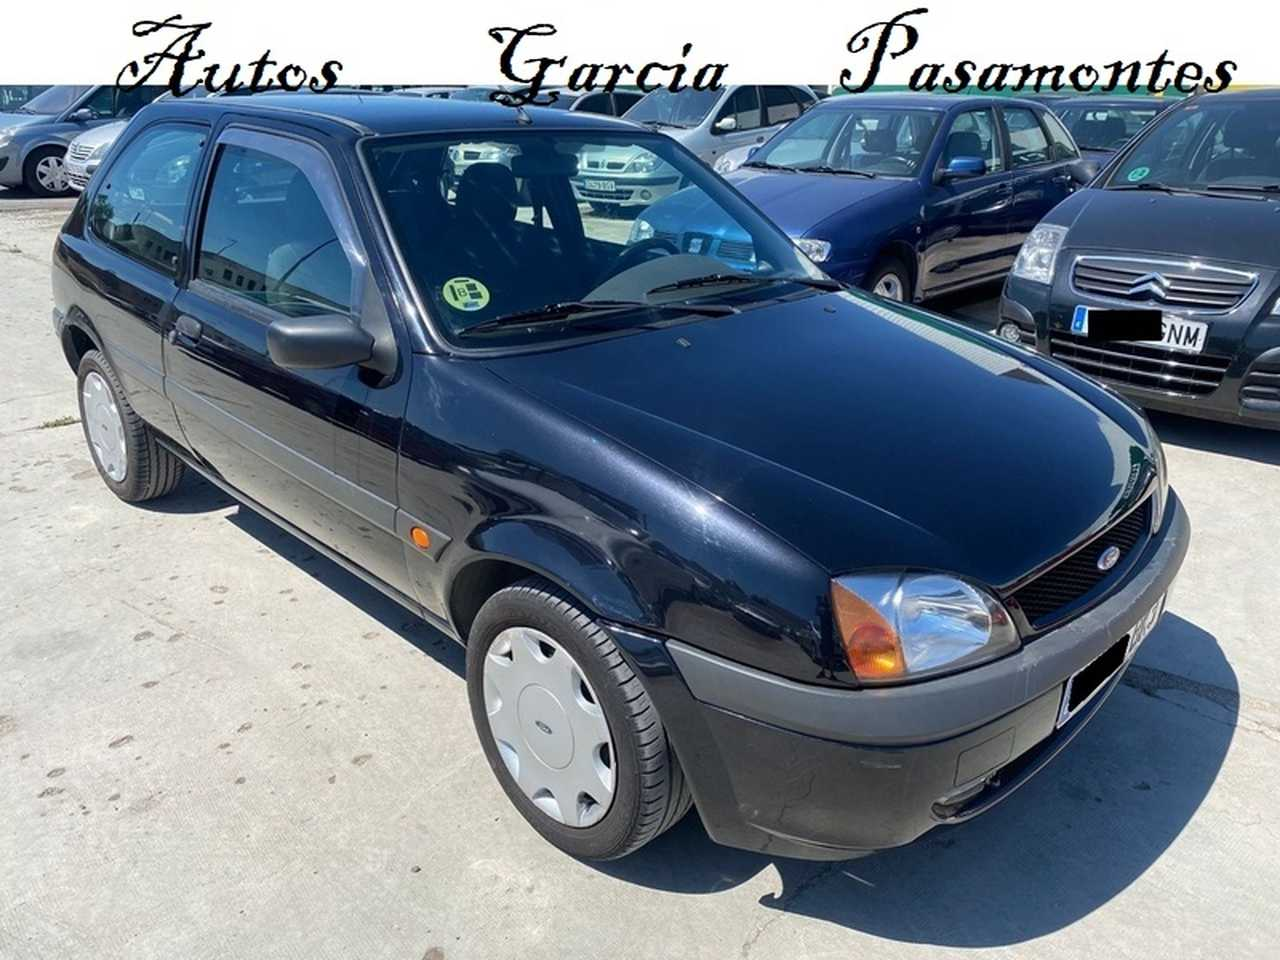 Ford Fiesta 1.3 I 60 CV 1 AÑO DE GARANTIA  - Foto 1